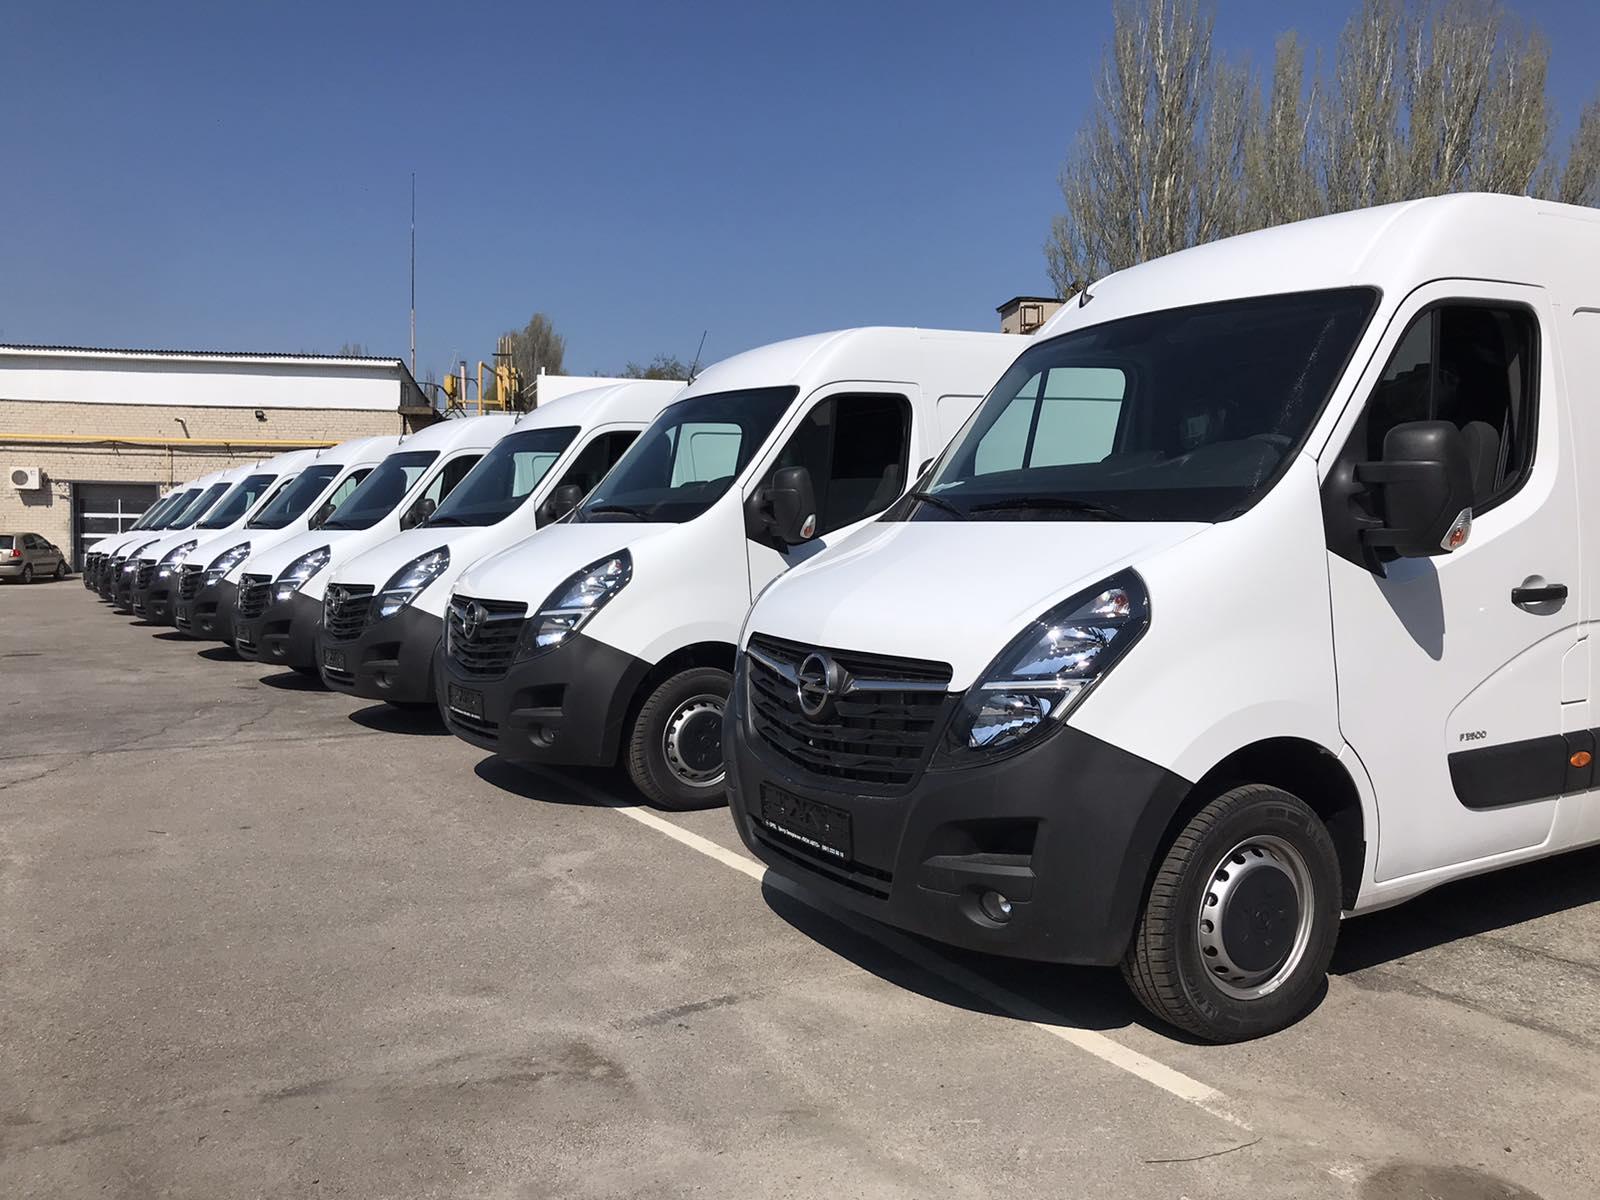 Фургони Opel Movano передані новому корпоративному клієнту